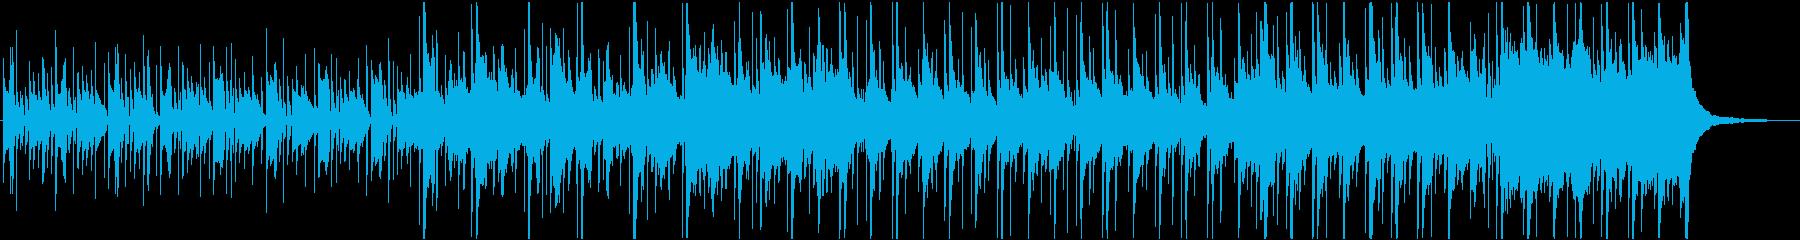 清潔で包容力あふれるプロモーションBGMの再生済みの波形